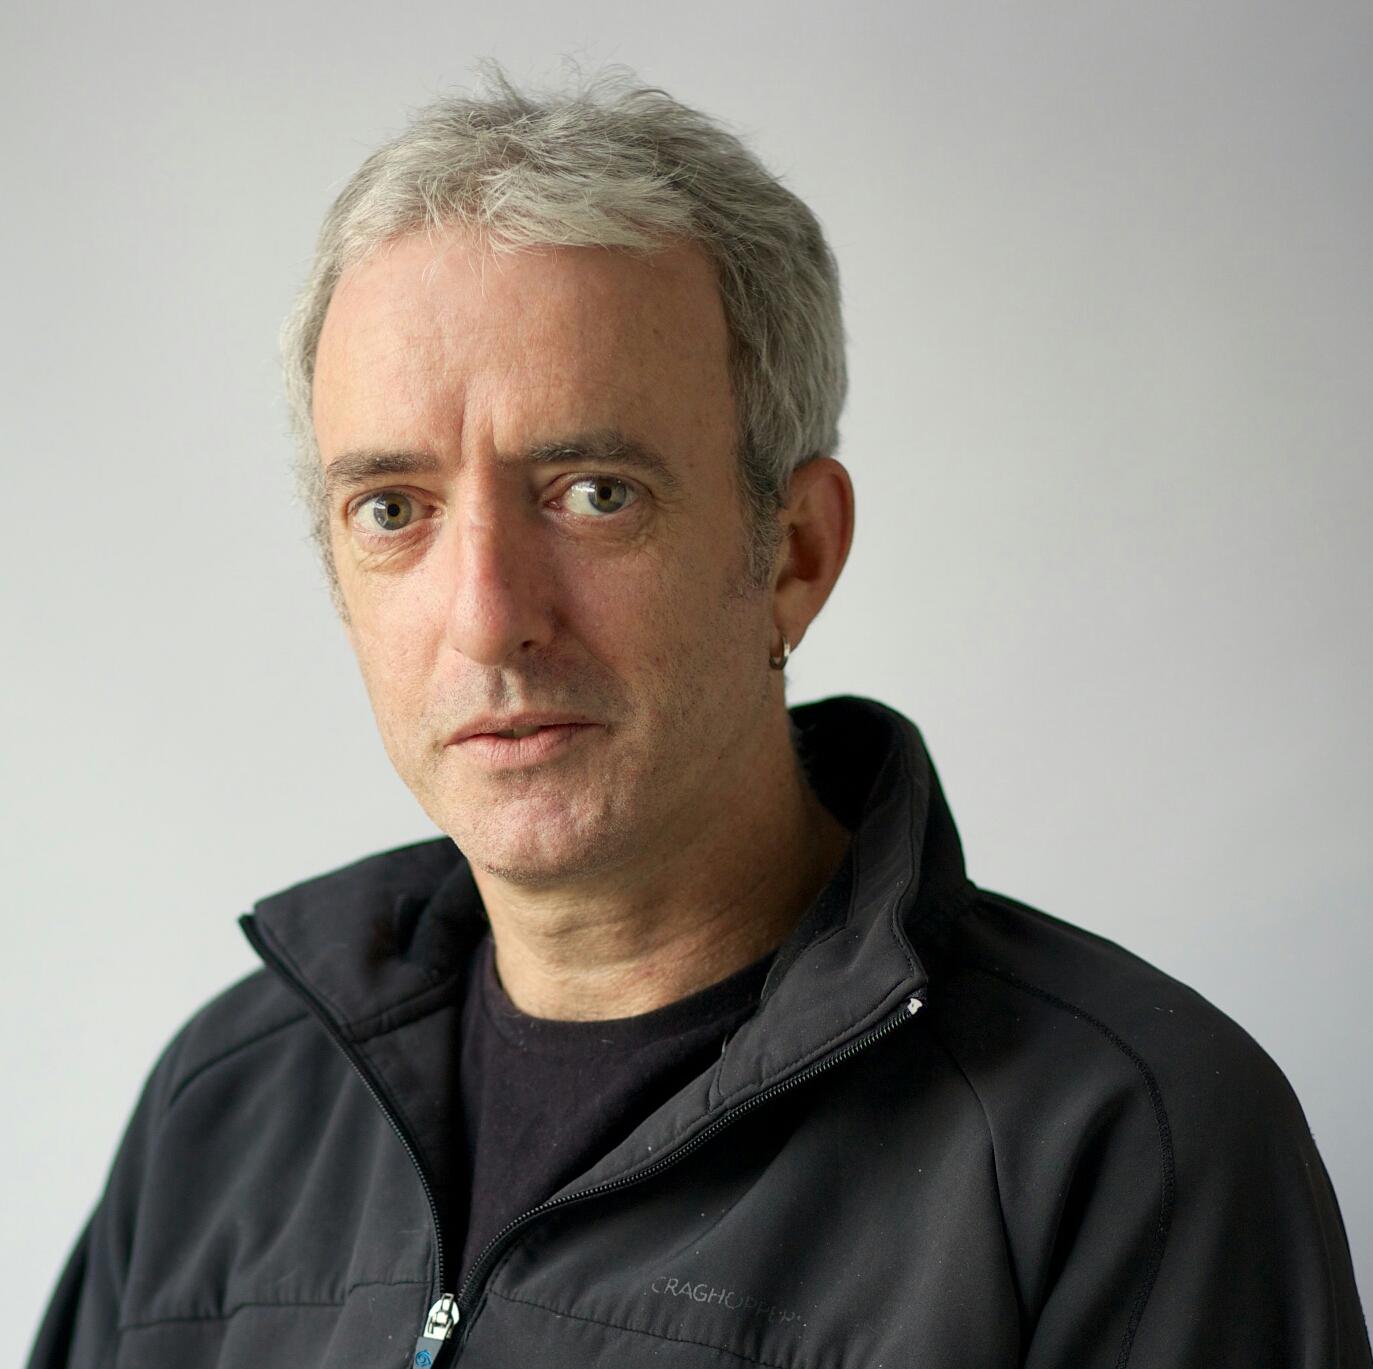 Adam Aizlewood